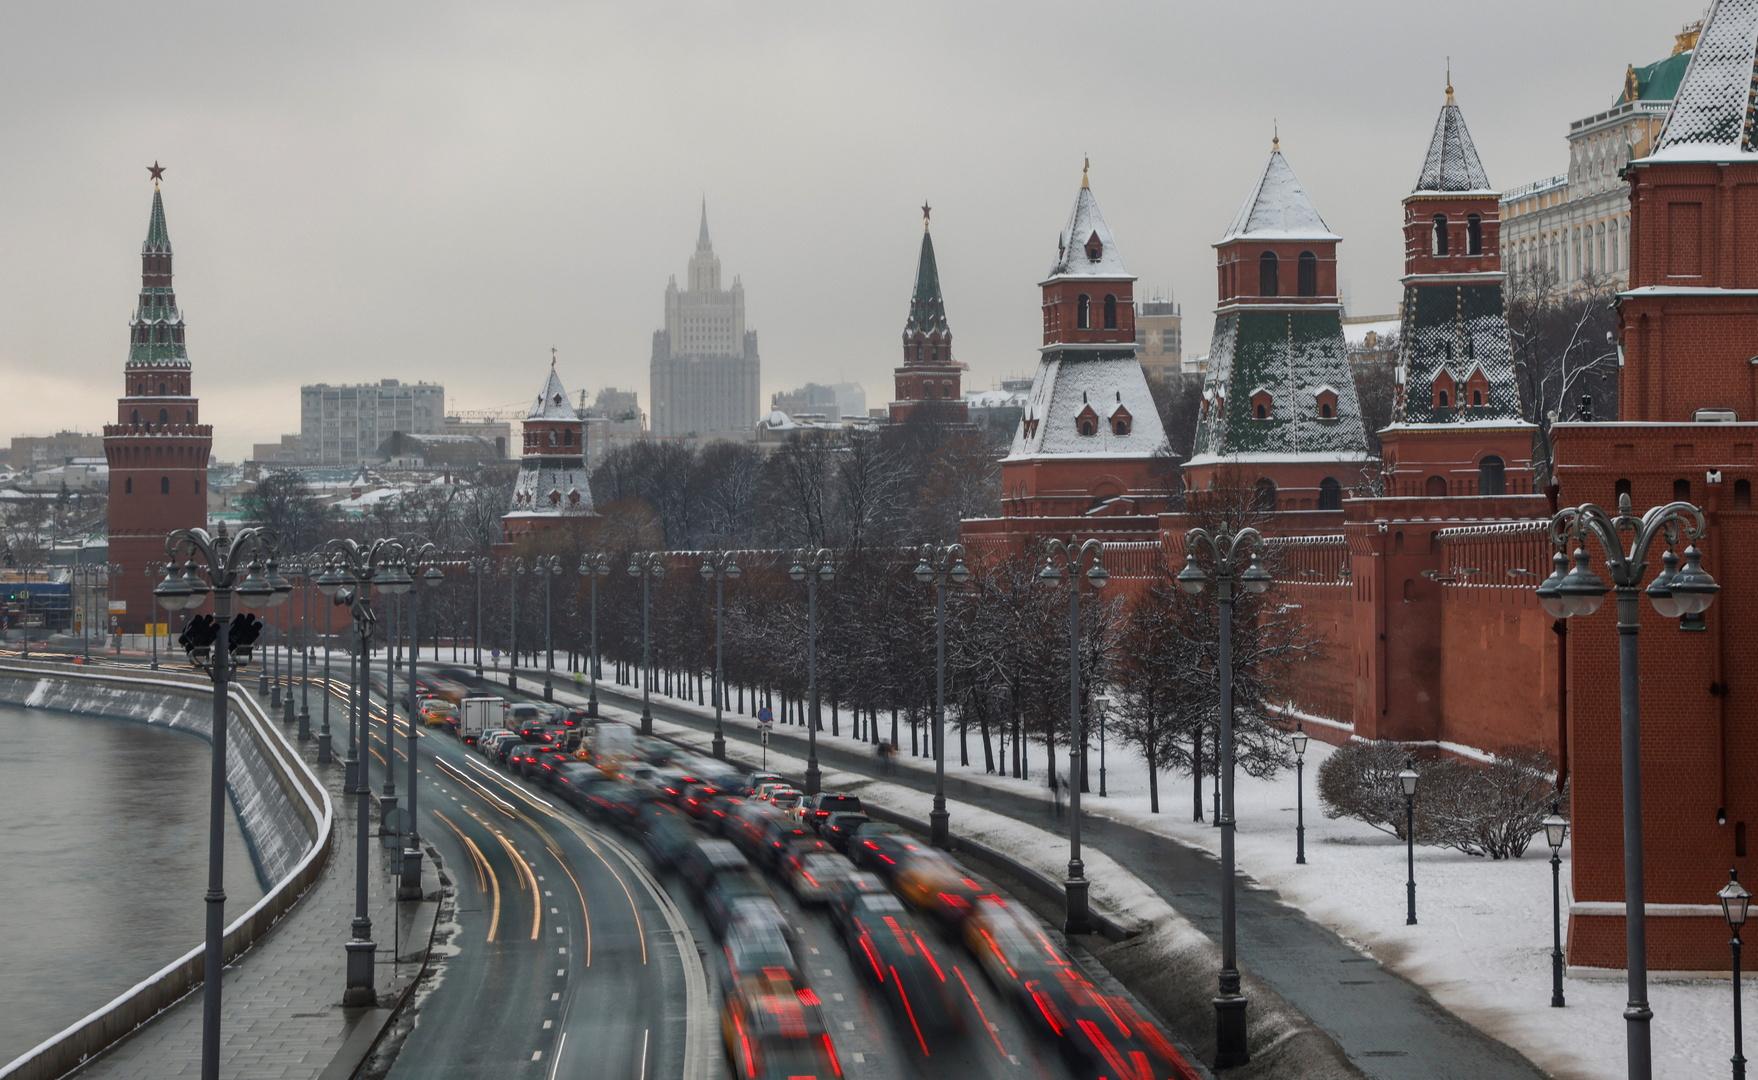 الكرملين: نأمل ألا تنفذ واشنطن نواياها المجنونة لفرض عقوبات ضد رجال أعمال روس